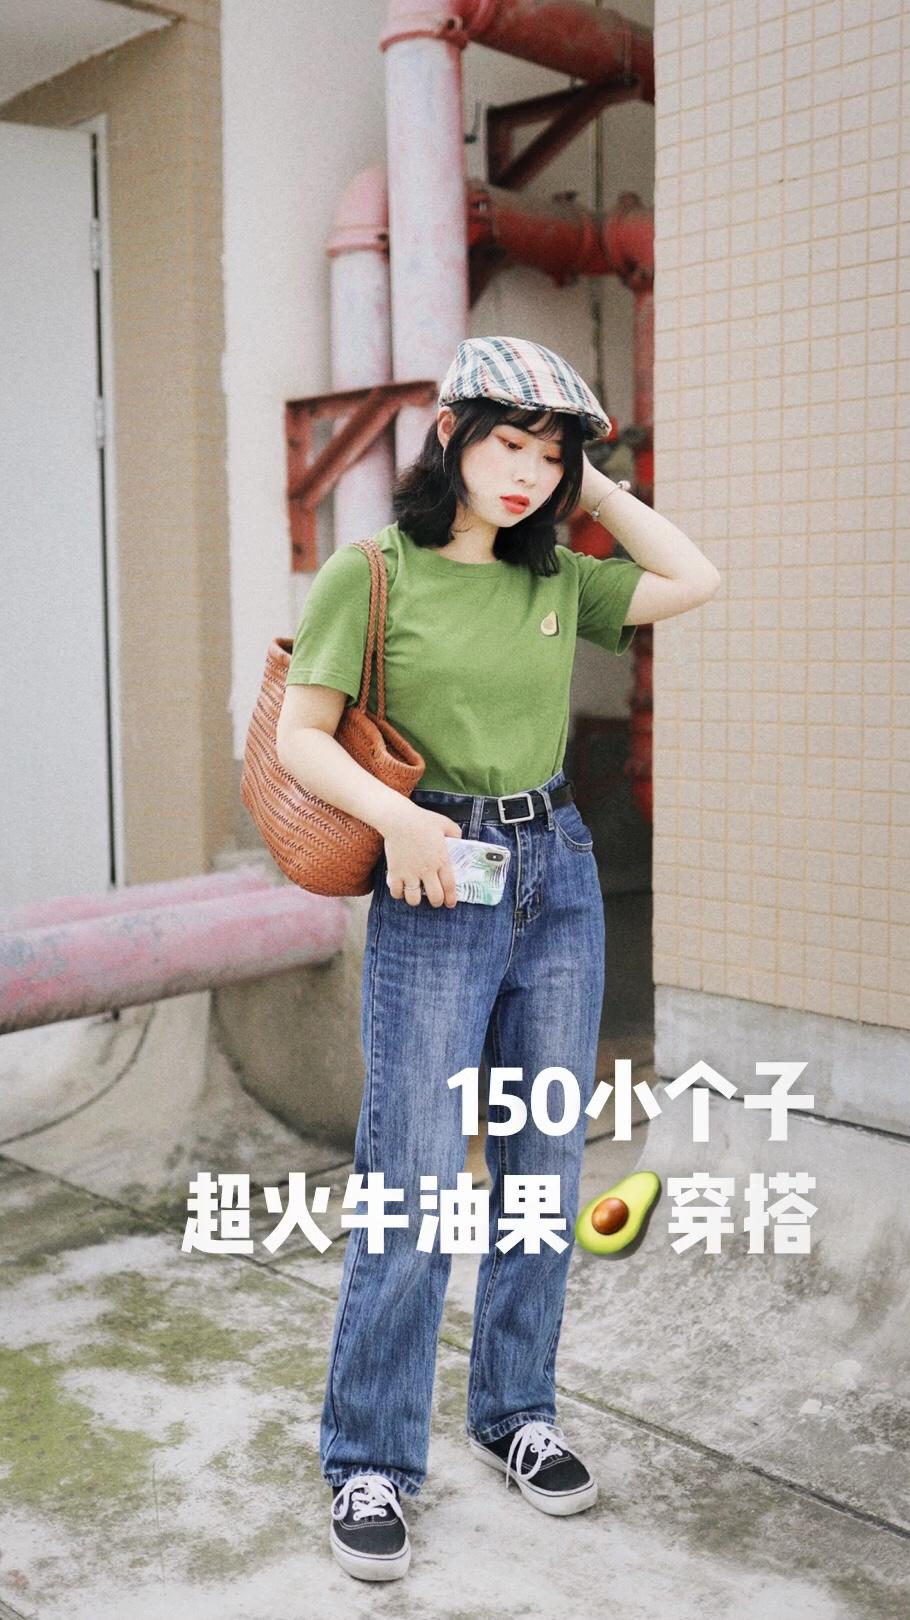 """150小个子穿搭 最夏最热牛油果穿搭!还有谁没有get的吗!! 颜色真的超级显白~我搭配了一个同色系的格纹帽 深色牛仔长裤,拉长全身比例,显高哦!! 一身比较复古的感觉,t恤也neng穿出复古感哦~#牛油果霸屏,听说大家都被""""绿""""了#"""